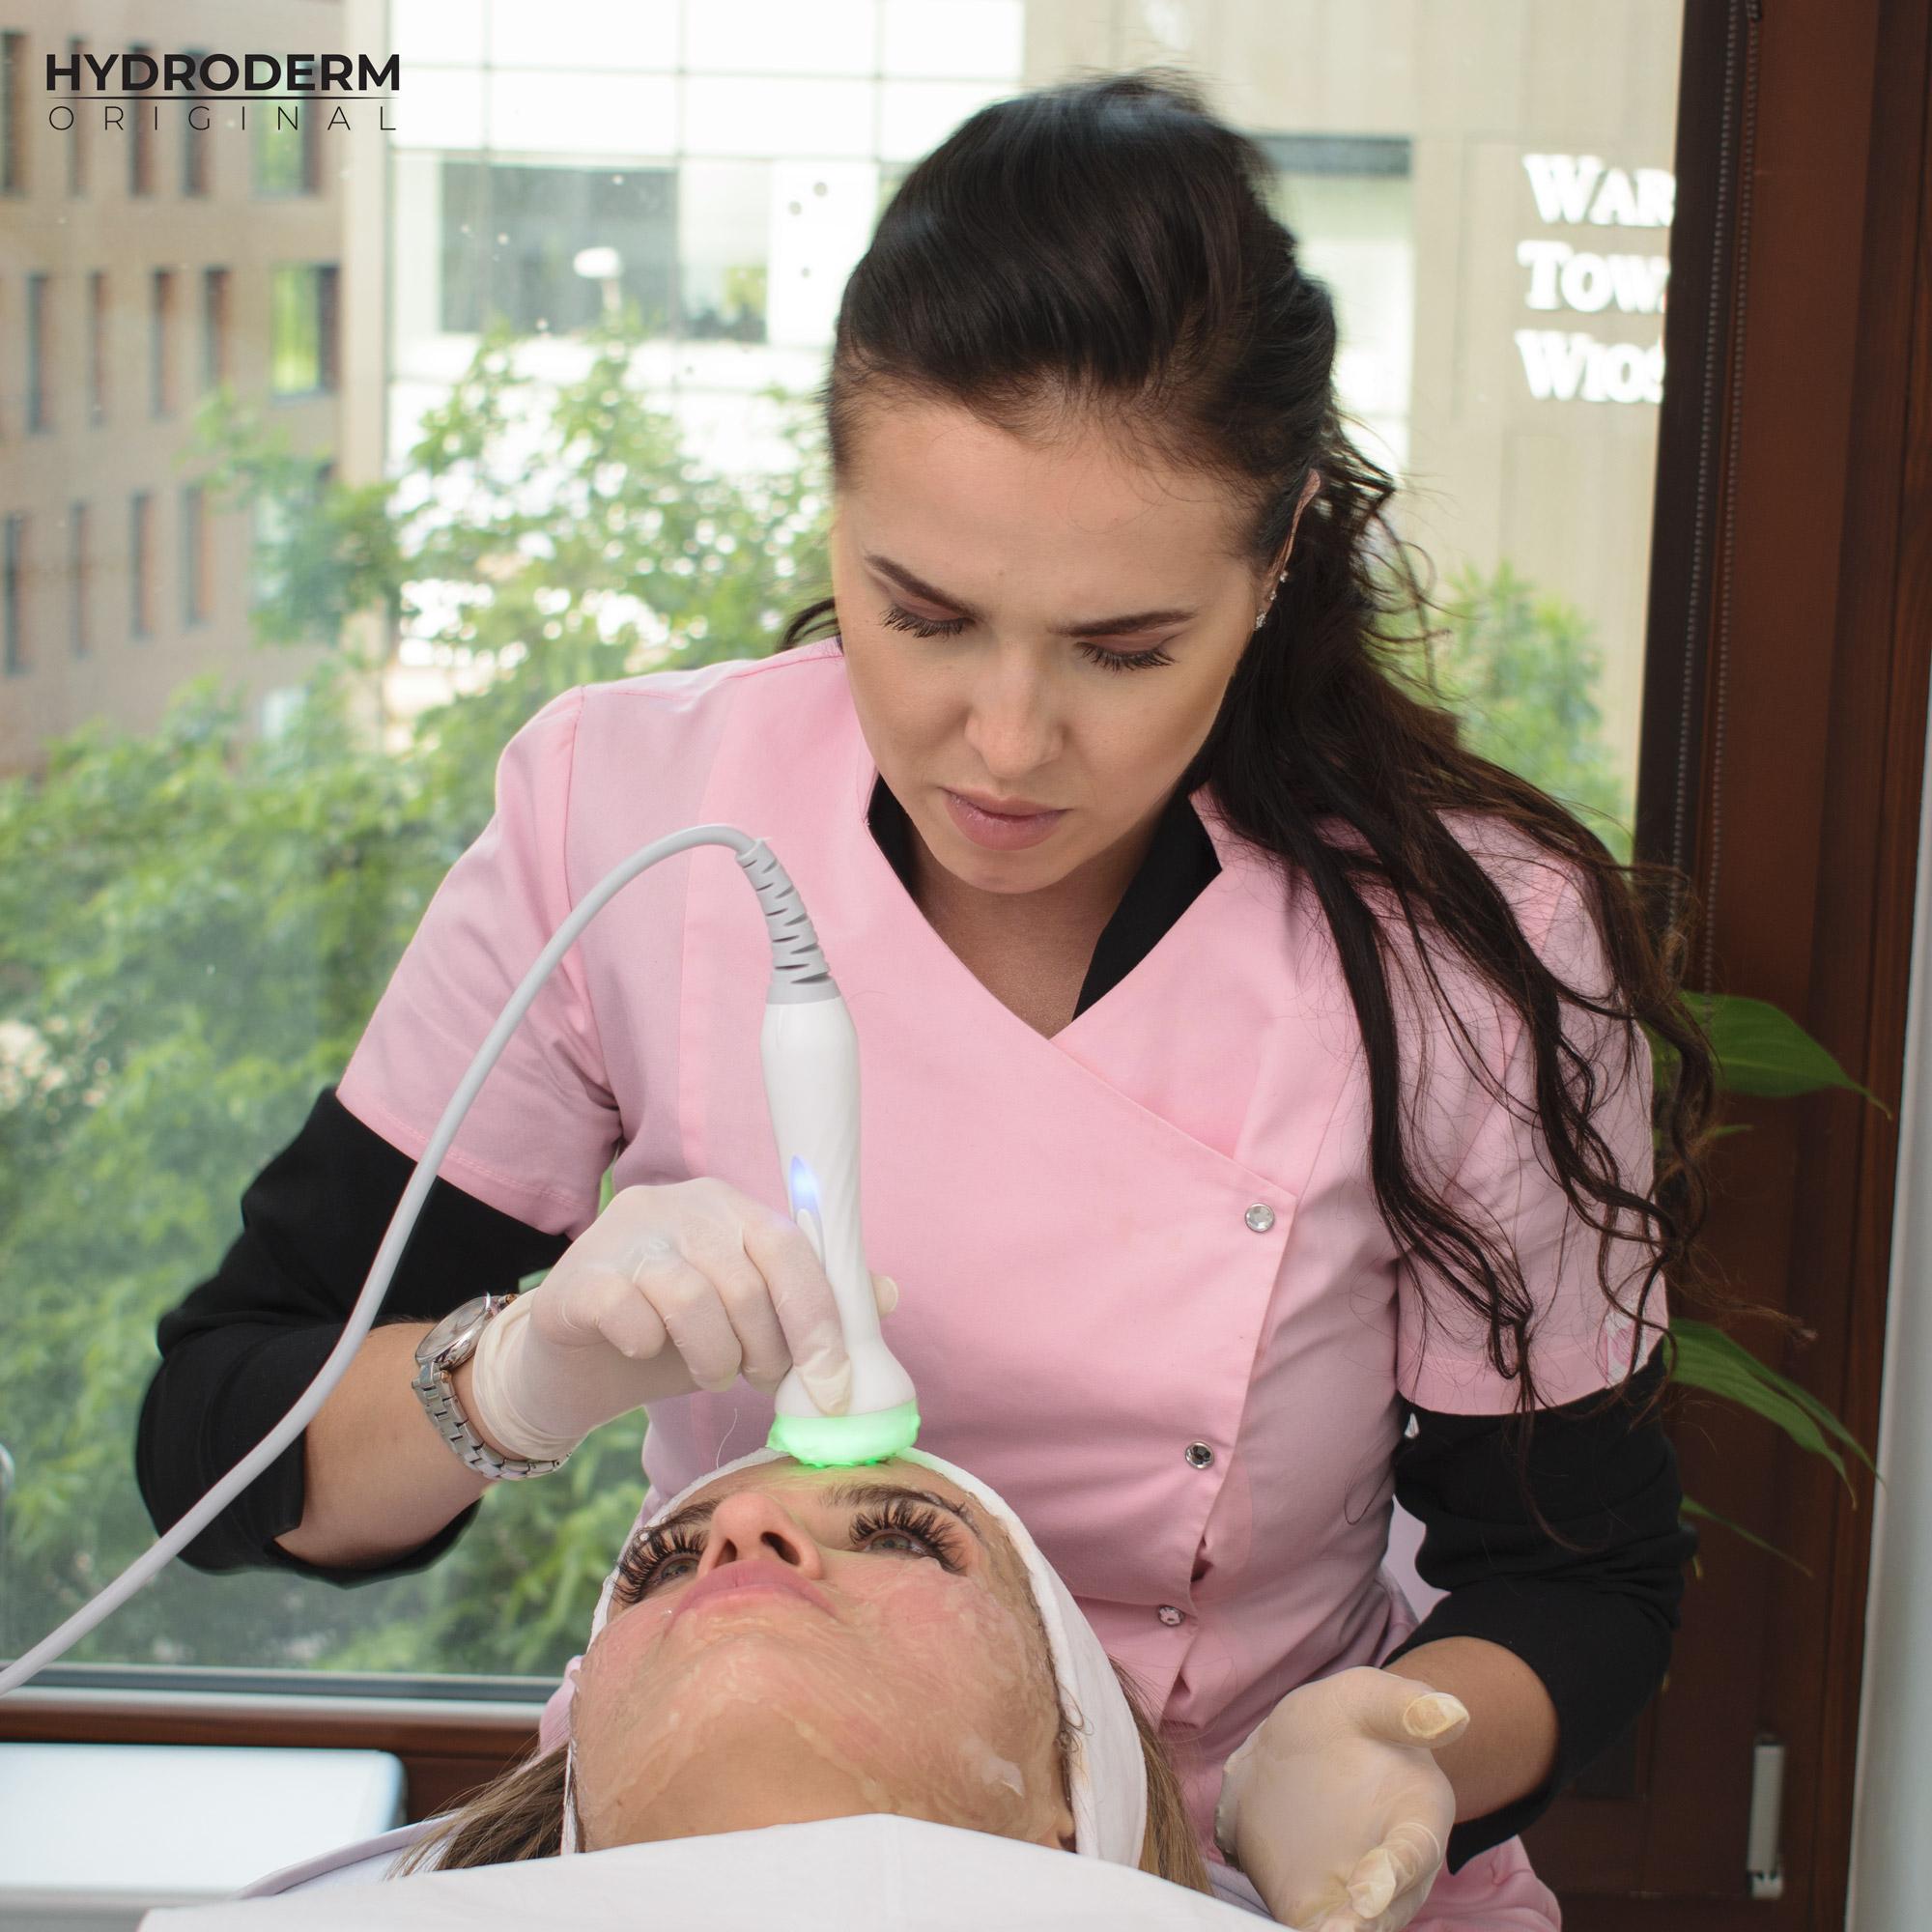 Na kursie w Warszawie podczas zabiegu oczyszczania wodorowego użytko światłoterapię z leczniczym zielonym światłem LED